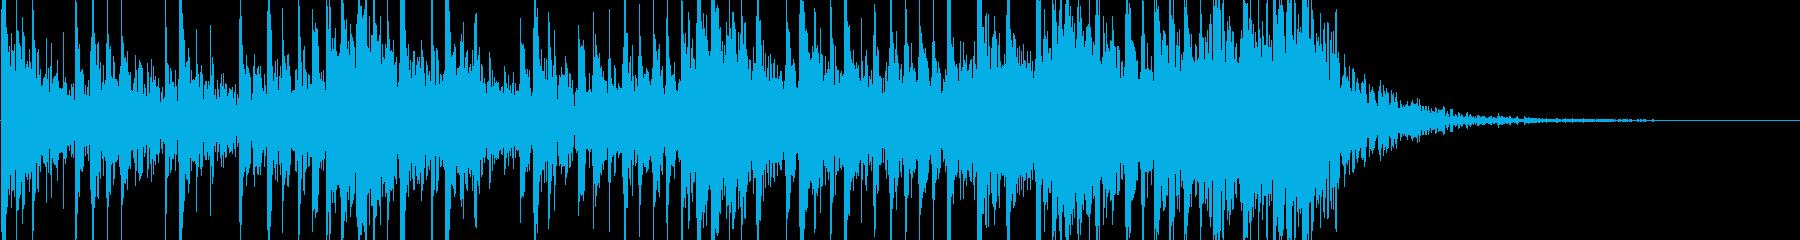 ハリウッド系の和太鼓の再生済みの波形